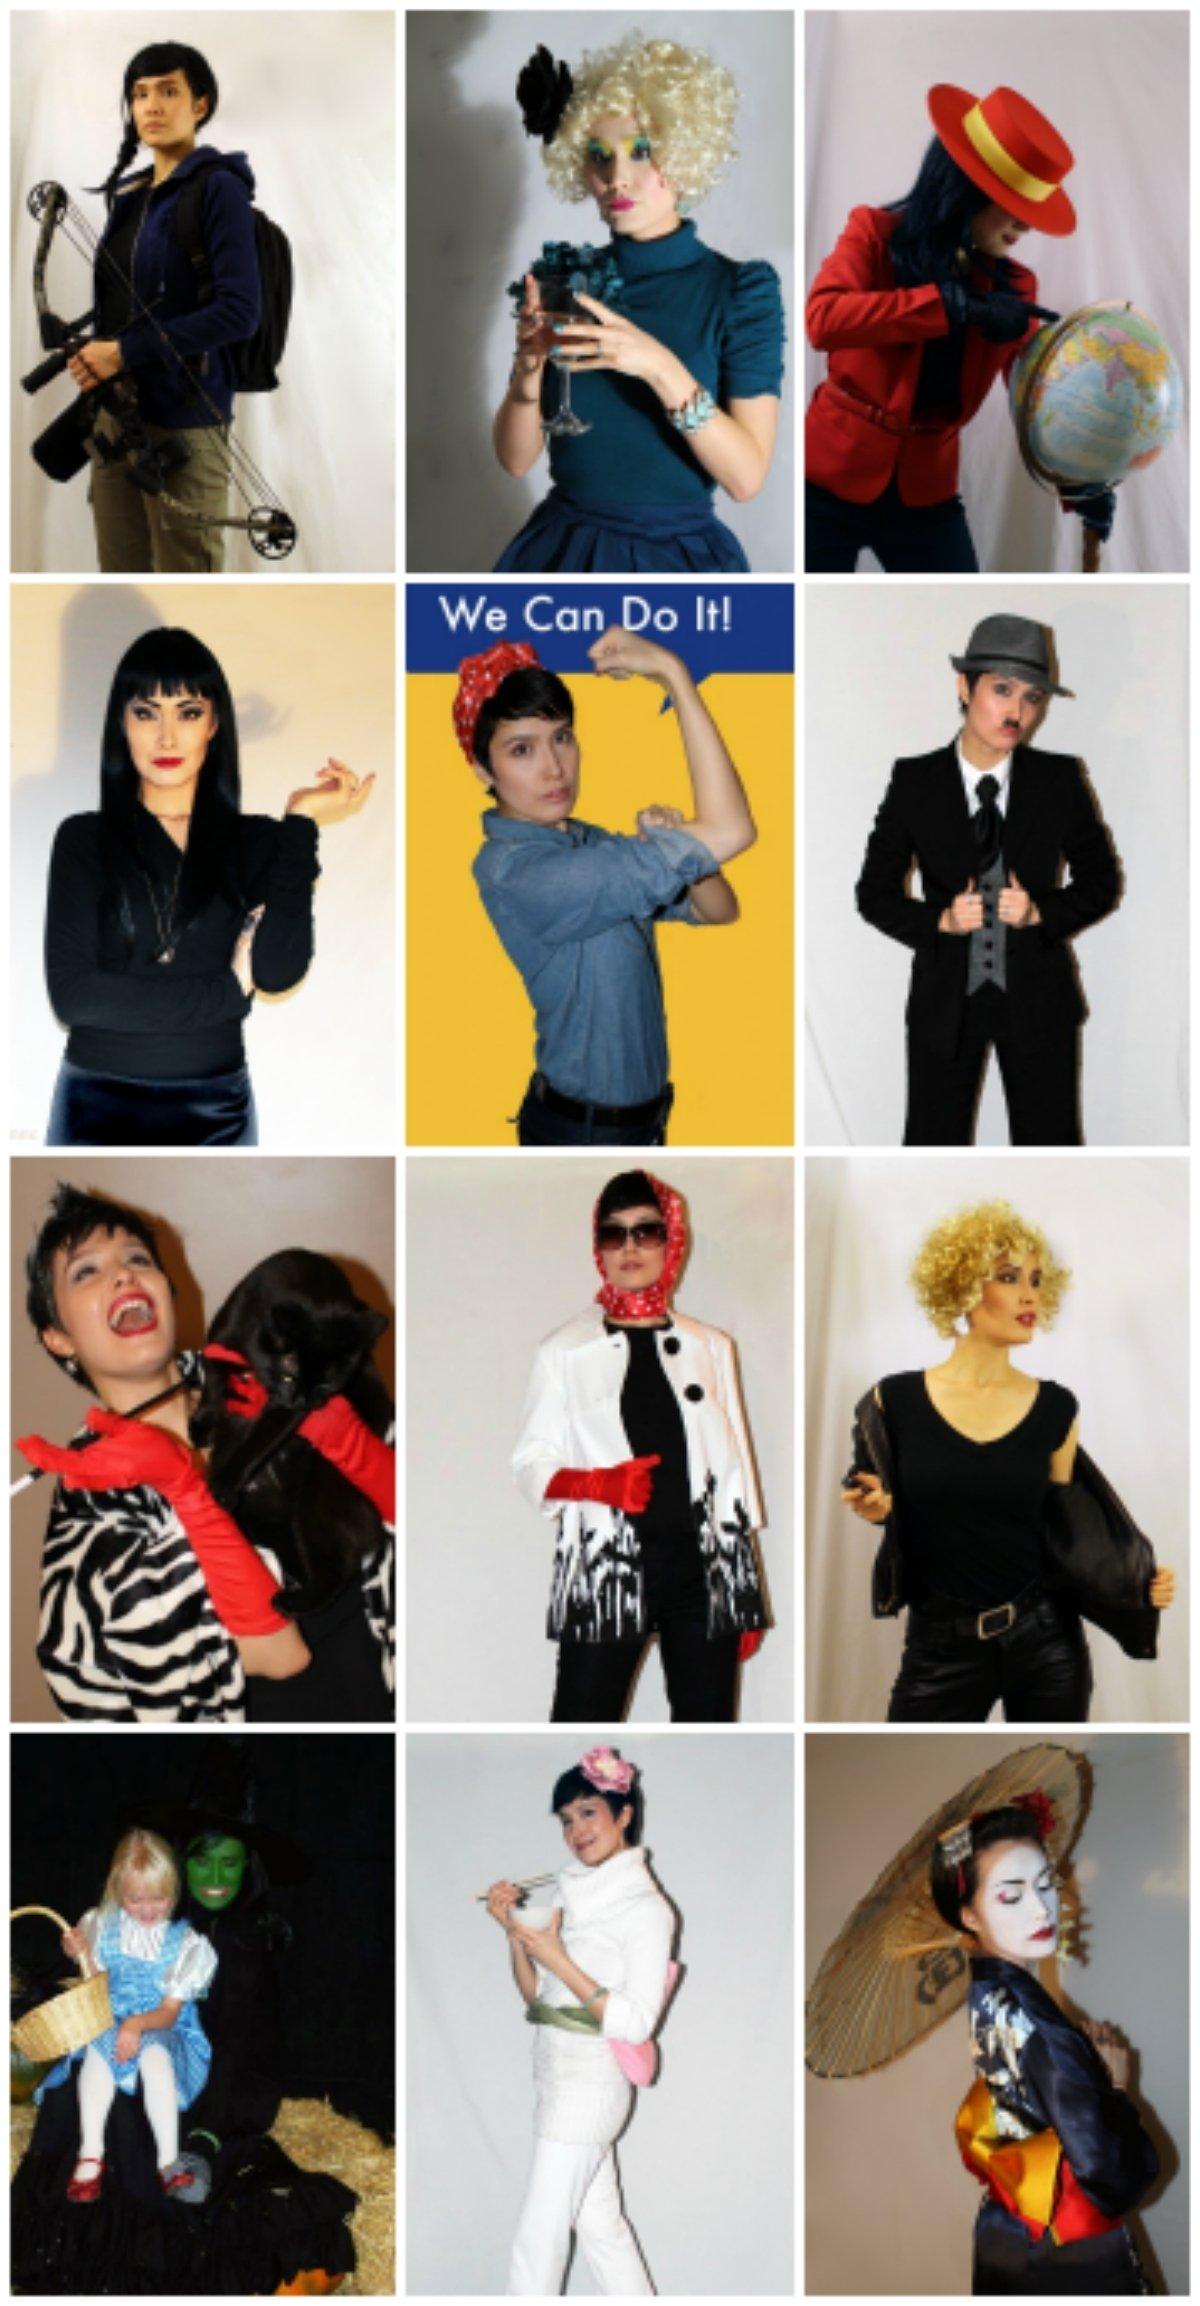 10 Elegant Quick Easy Halloween Costume Ideas 12 easy halloween costumes from your closet halloween costume link 5 2021